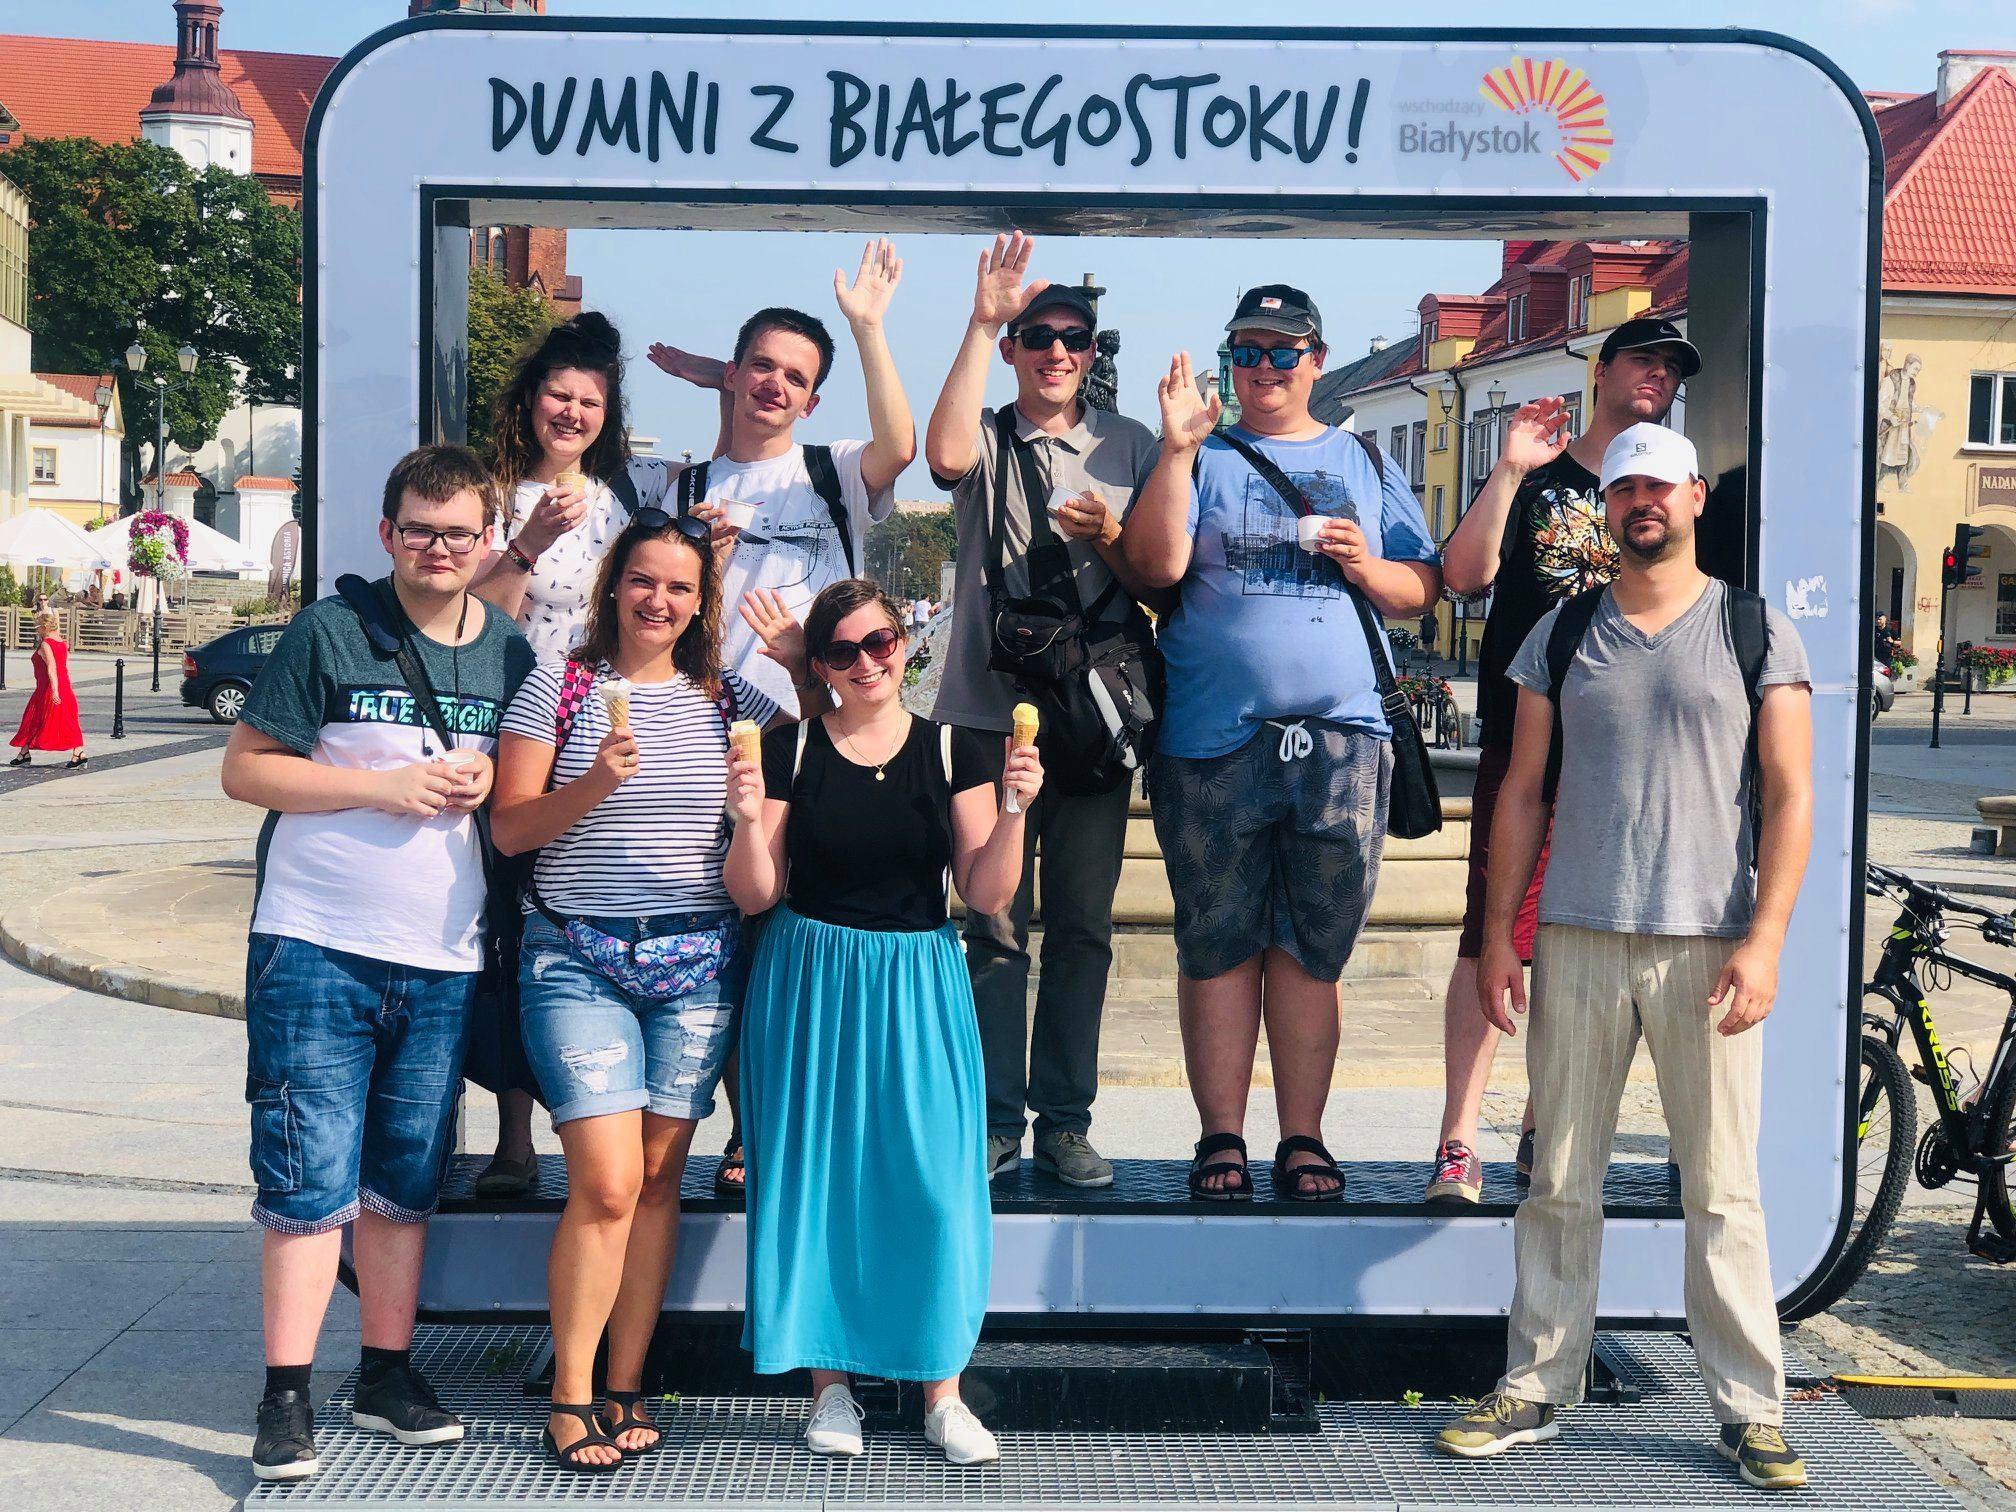 Przed ramką Dumni z Białegostoku stoją uczestnicy rajdu.